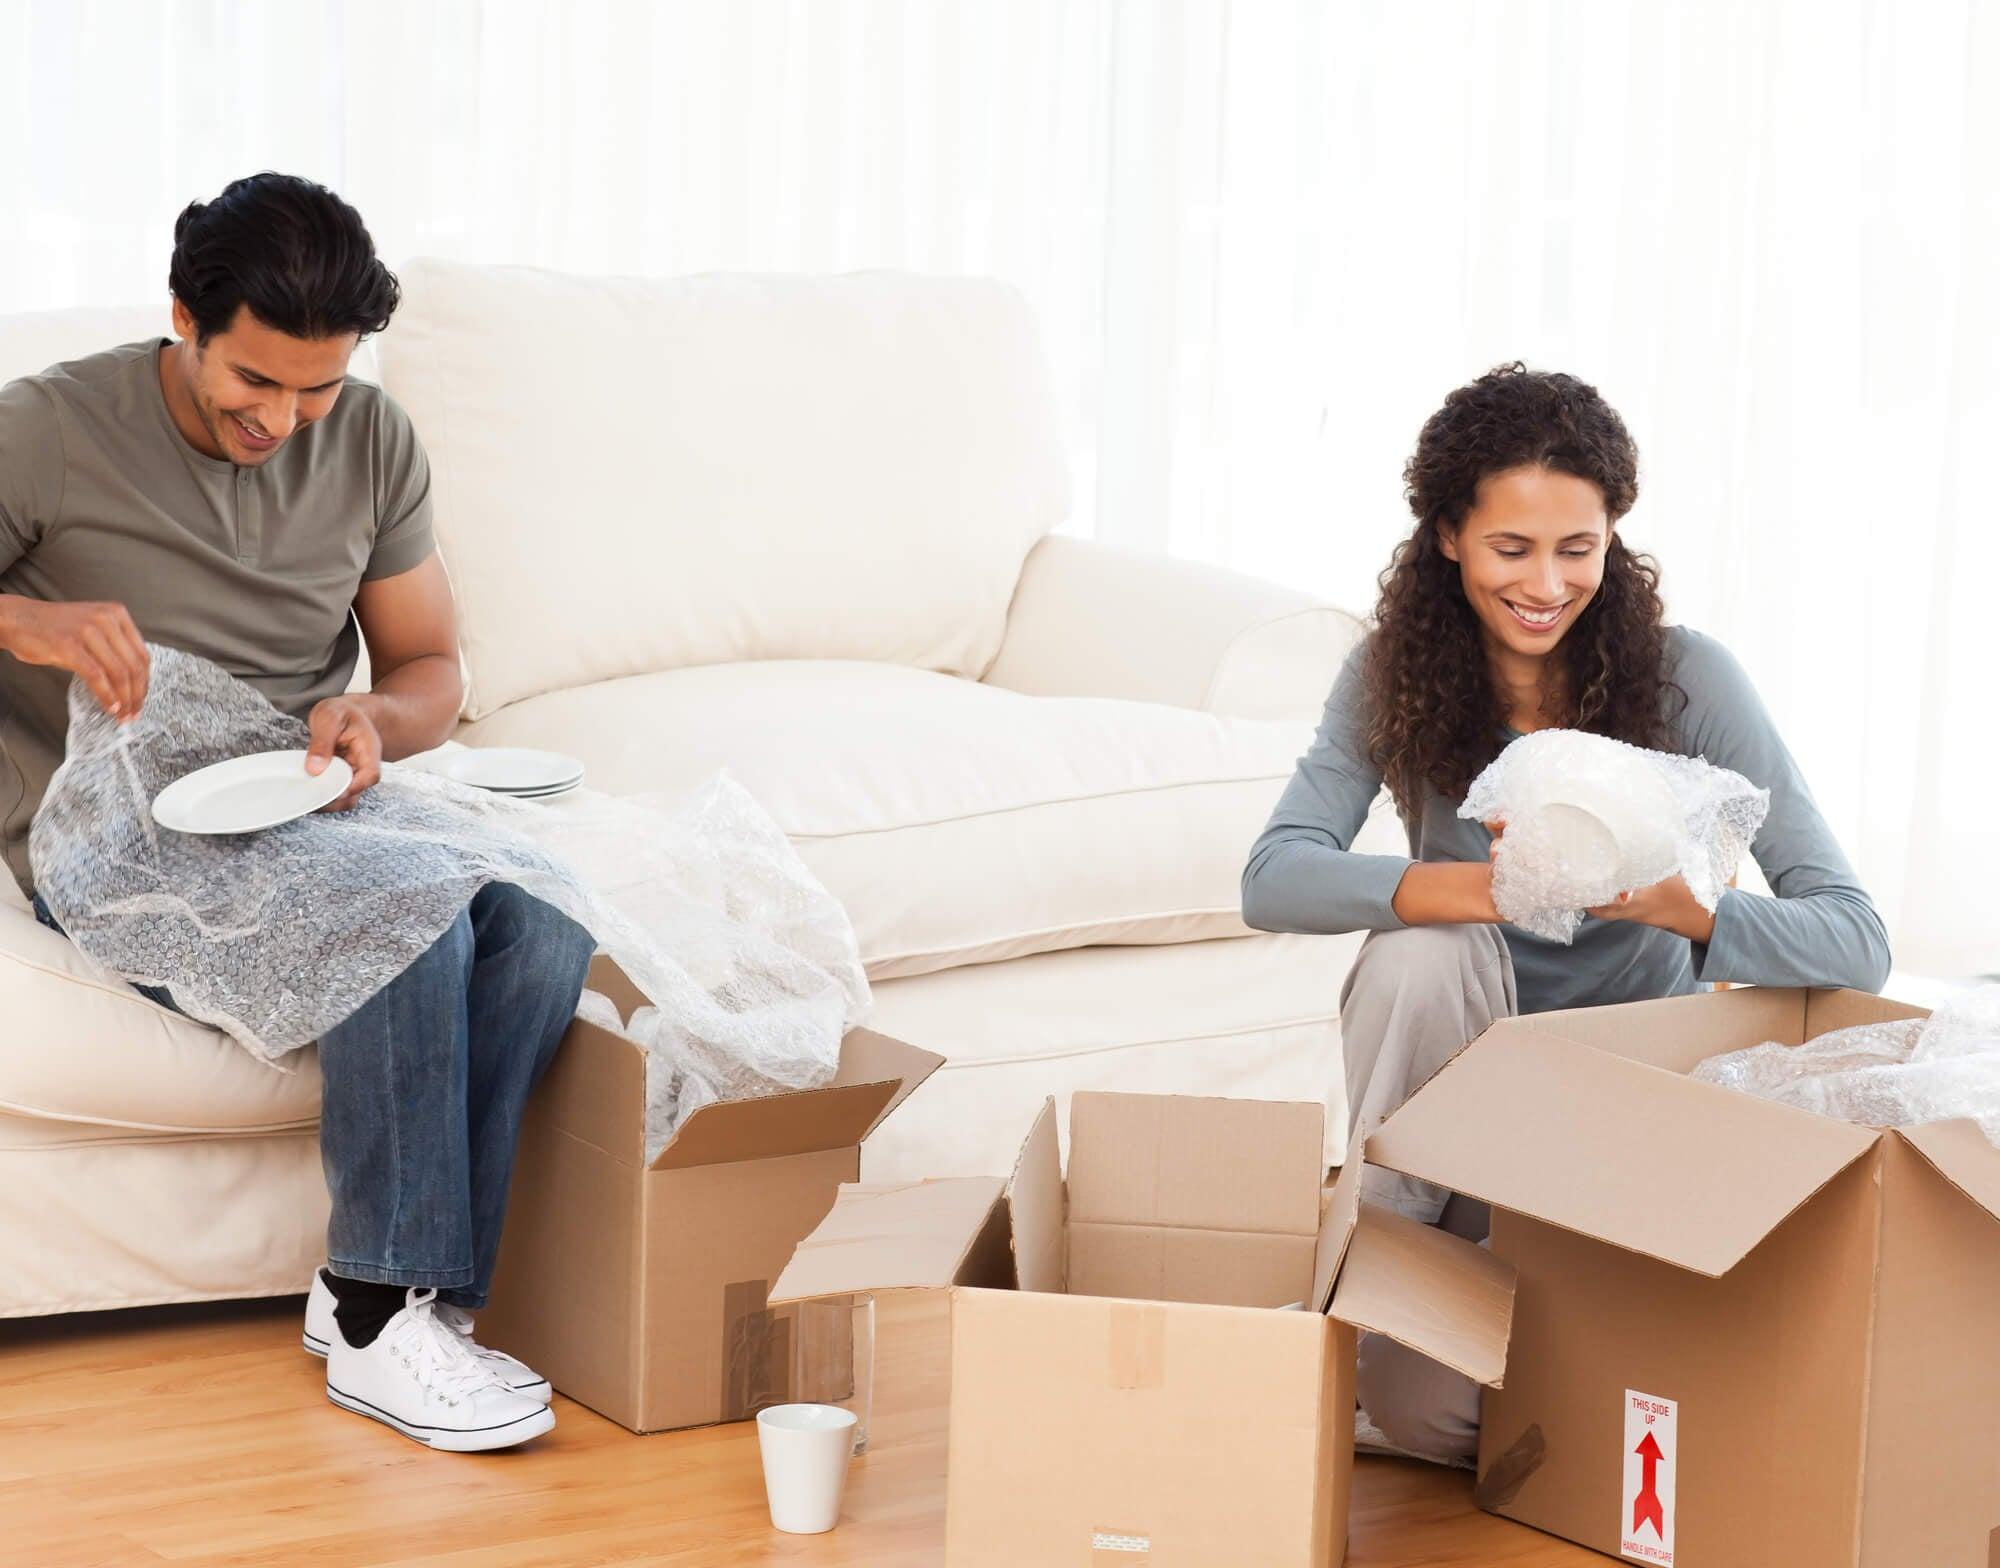 4 dicas para embalar e armazenar seus itens no self storage